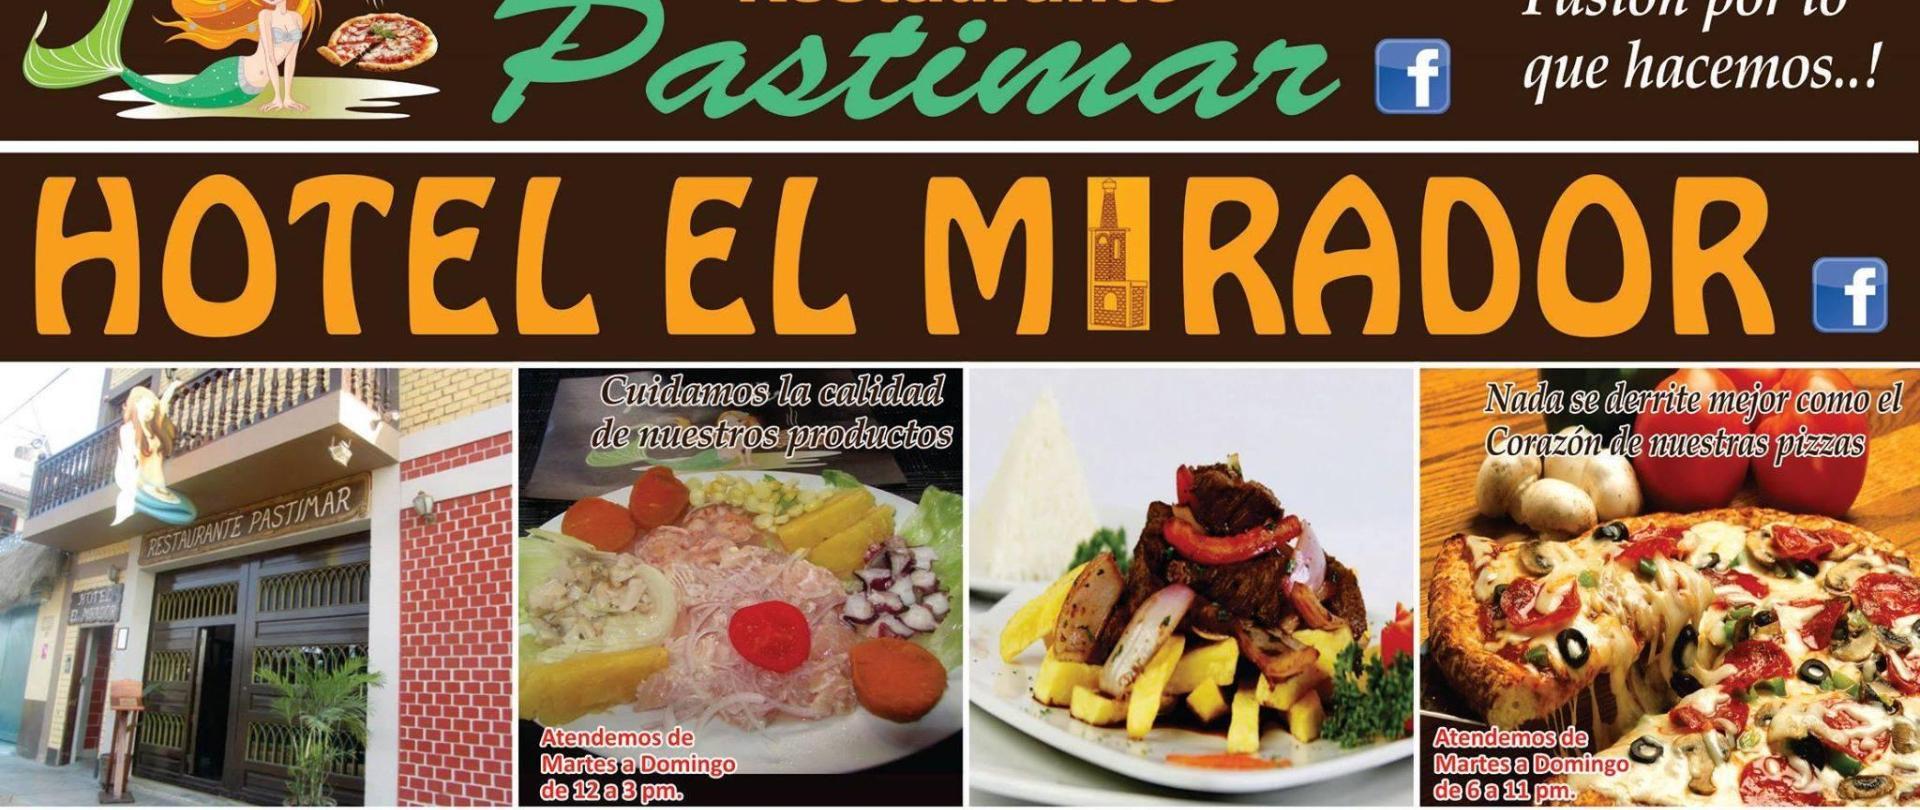 Hotel el mirador, Hotel el Mirador Pacasmayo, Hostal en pacasmayo, Posada en Pacasmayo, Hostales en Pacasmayo, Hospedaje en Pacasmayo, surf, kitesurf, windsurf, Masajes Relajantes Hotel el Mirador, Restaurant Pastimar 69.jpg